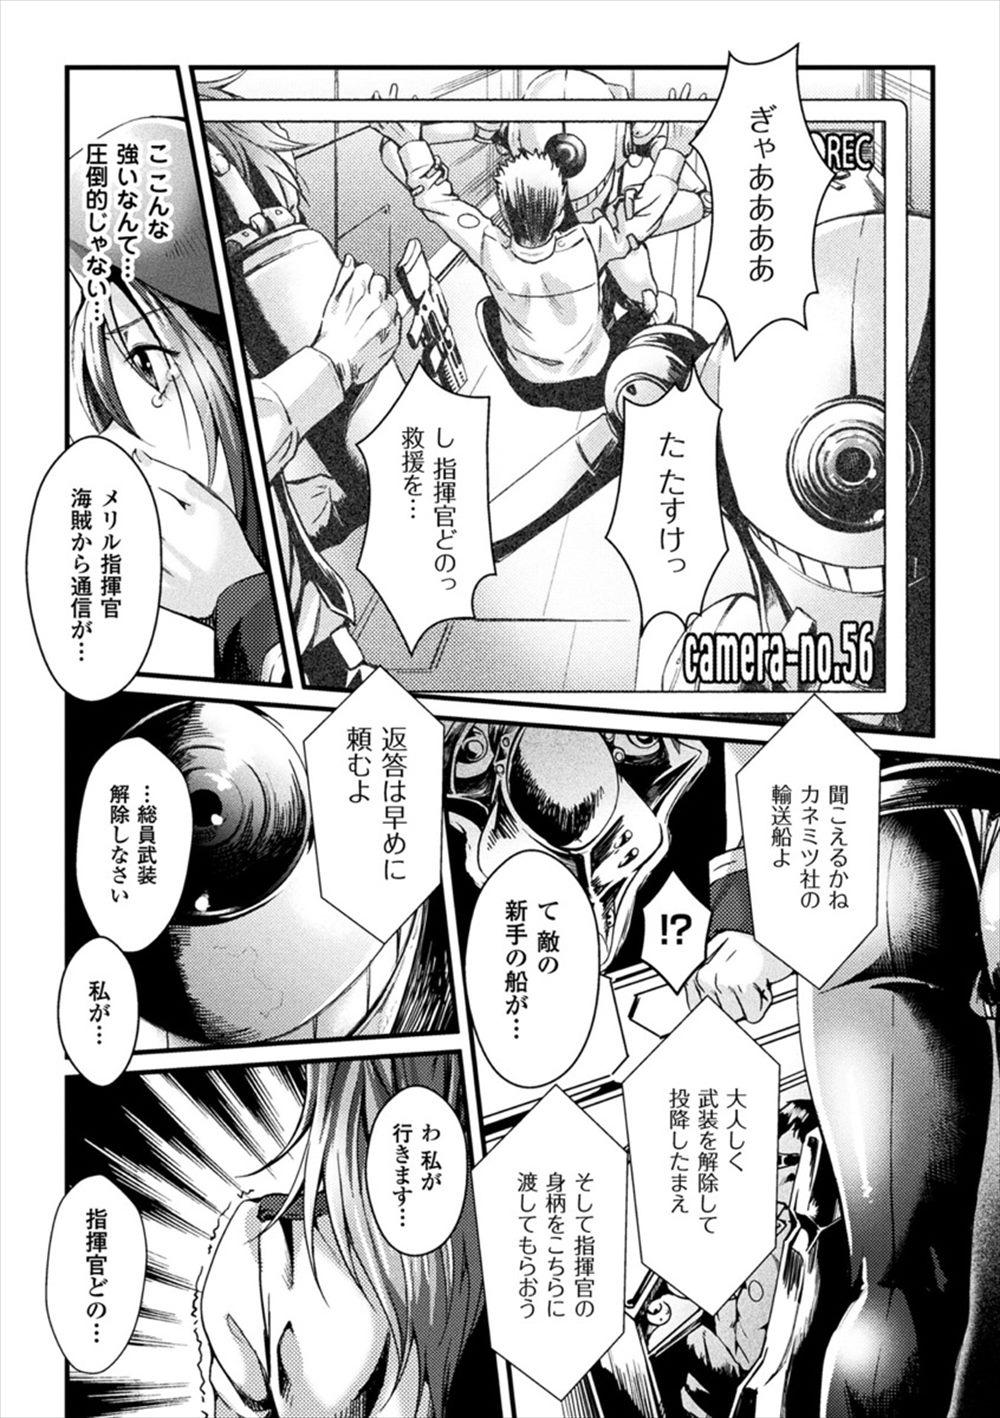 【エロ漫画】宇宙海賊に襲われた宇宙船の女船長が機械姦陵辱レイプされる!容赦のない機械触手に子宮ガンガン突かれて為す術もなく快楽堕ちして宇宙に放り出されるwww